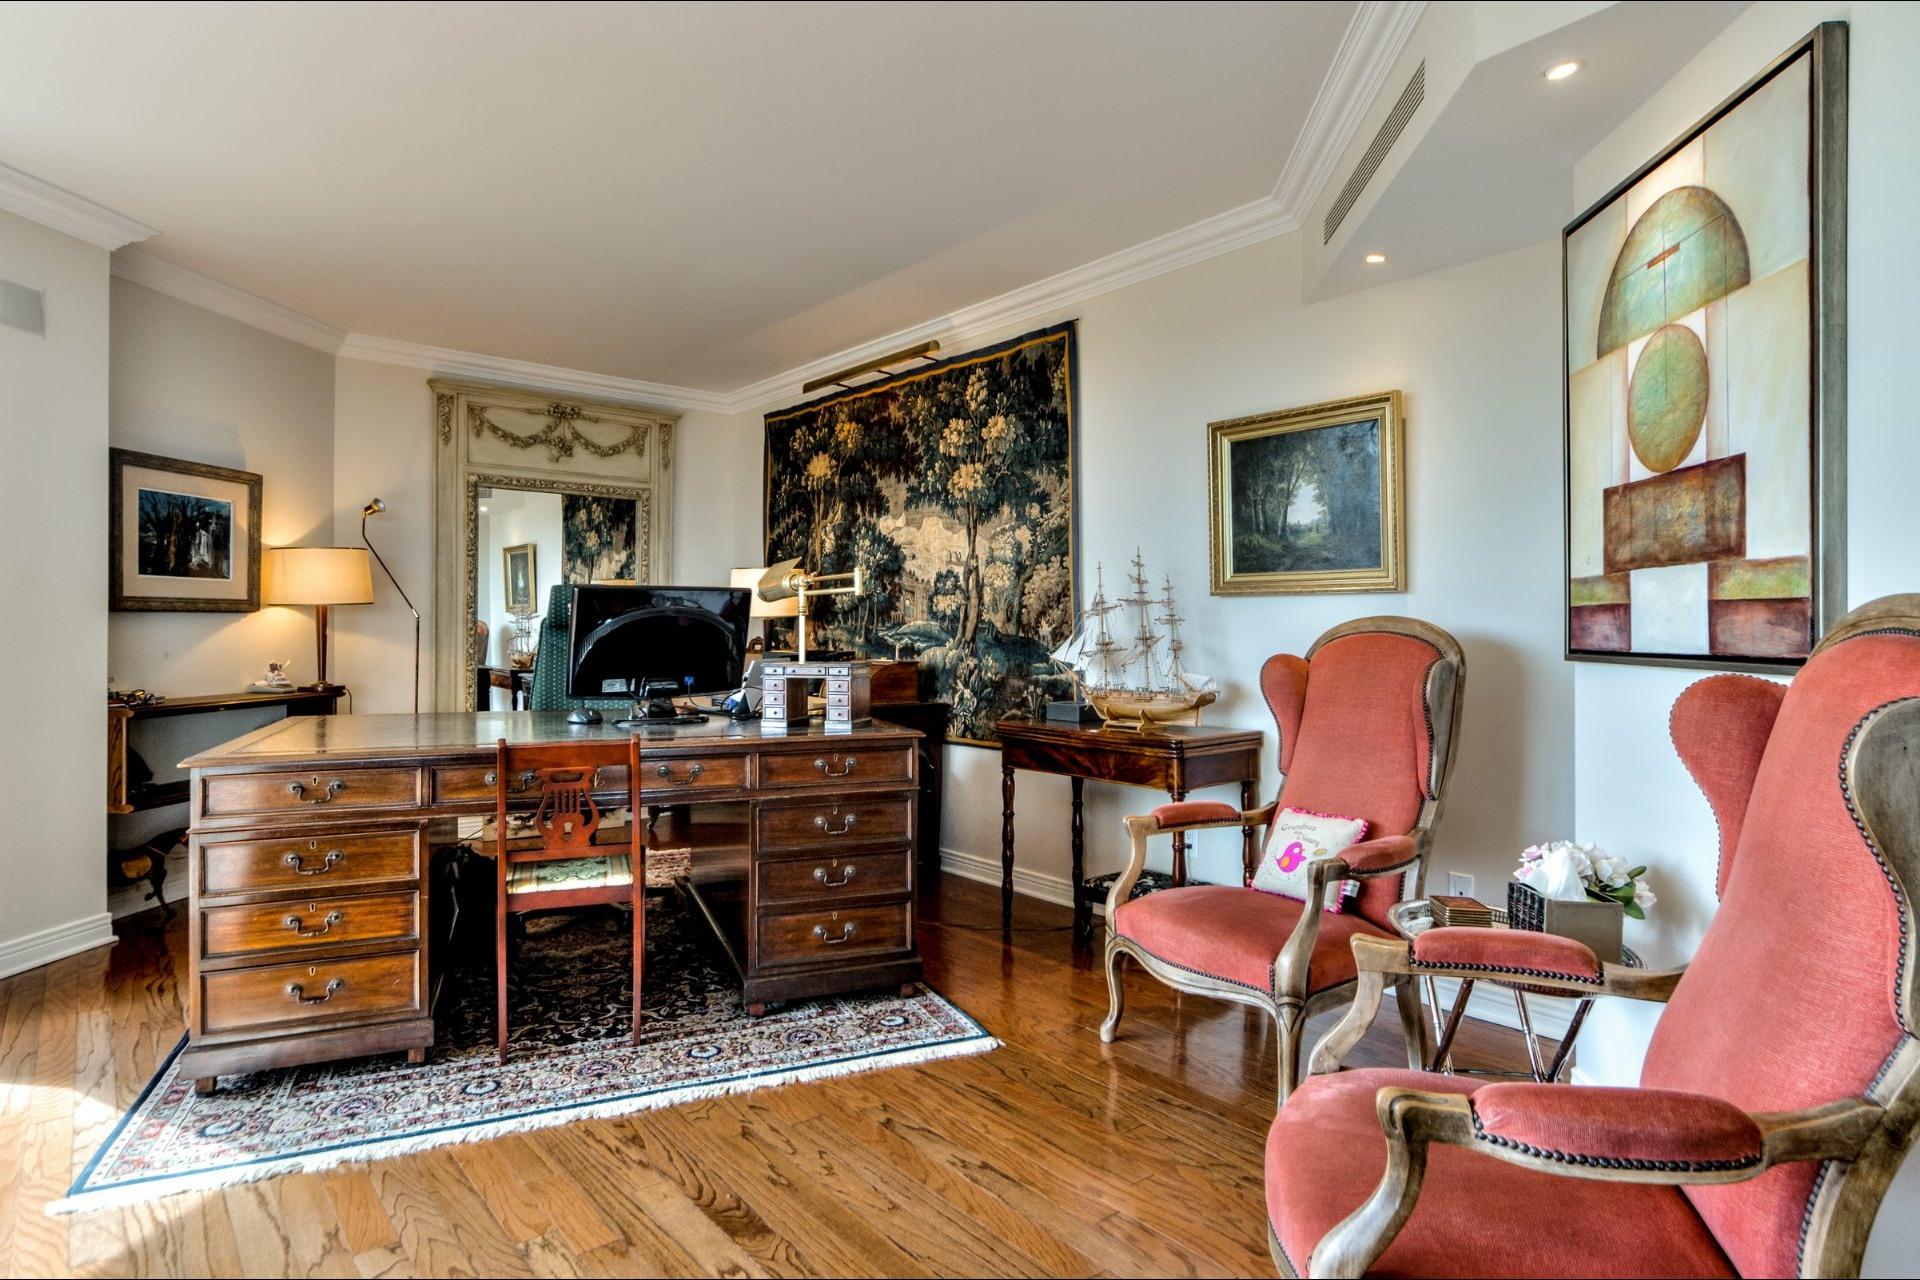 image 5 - Appartement À vendre Côte-des-Neiges/Notre-Dame-de-Grâce Montréal  - 12 pièces